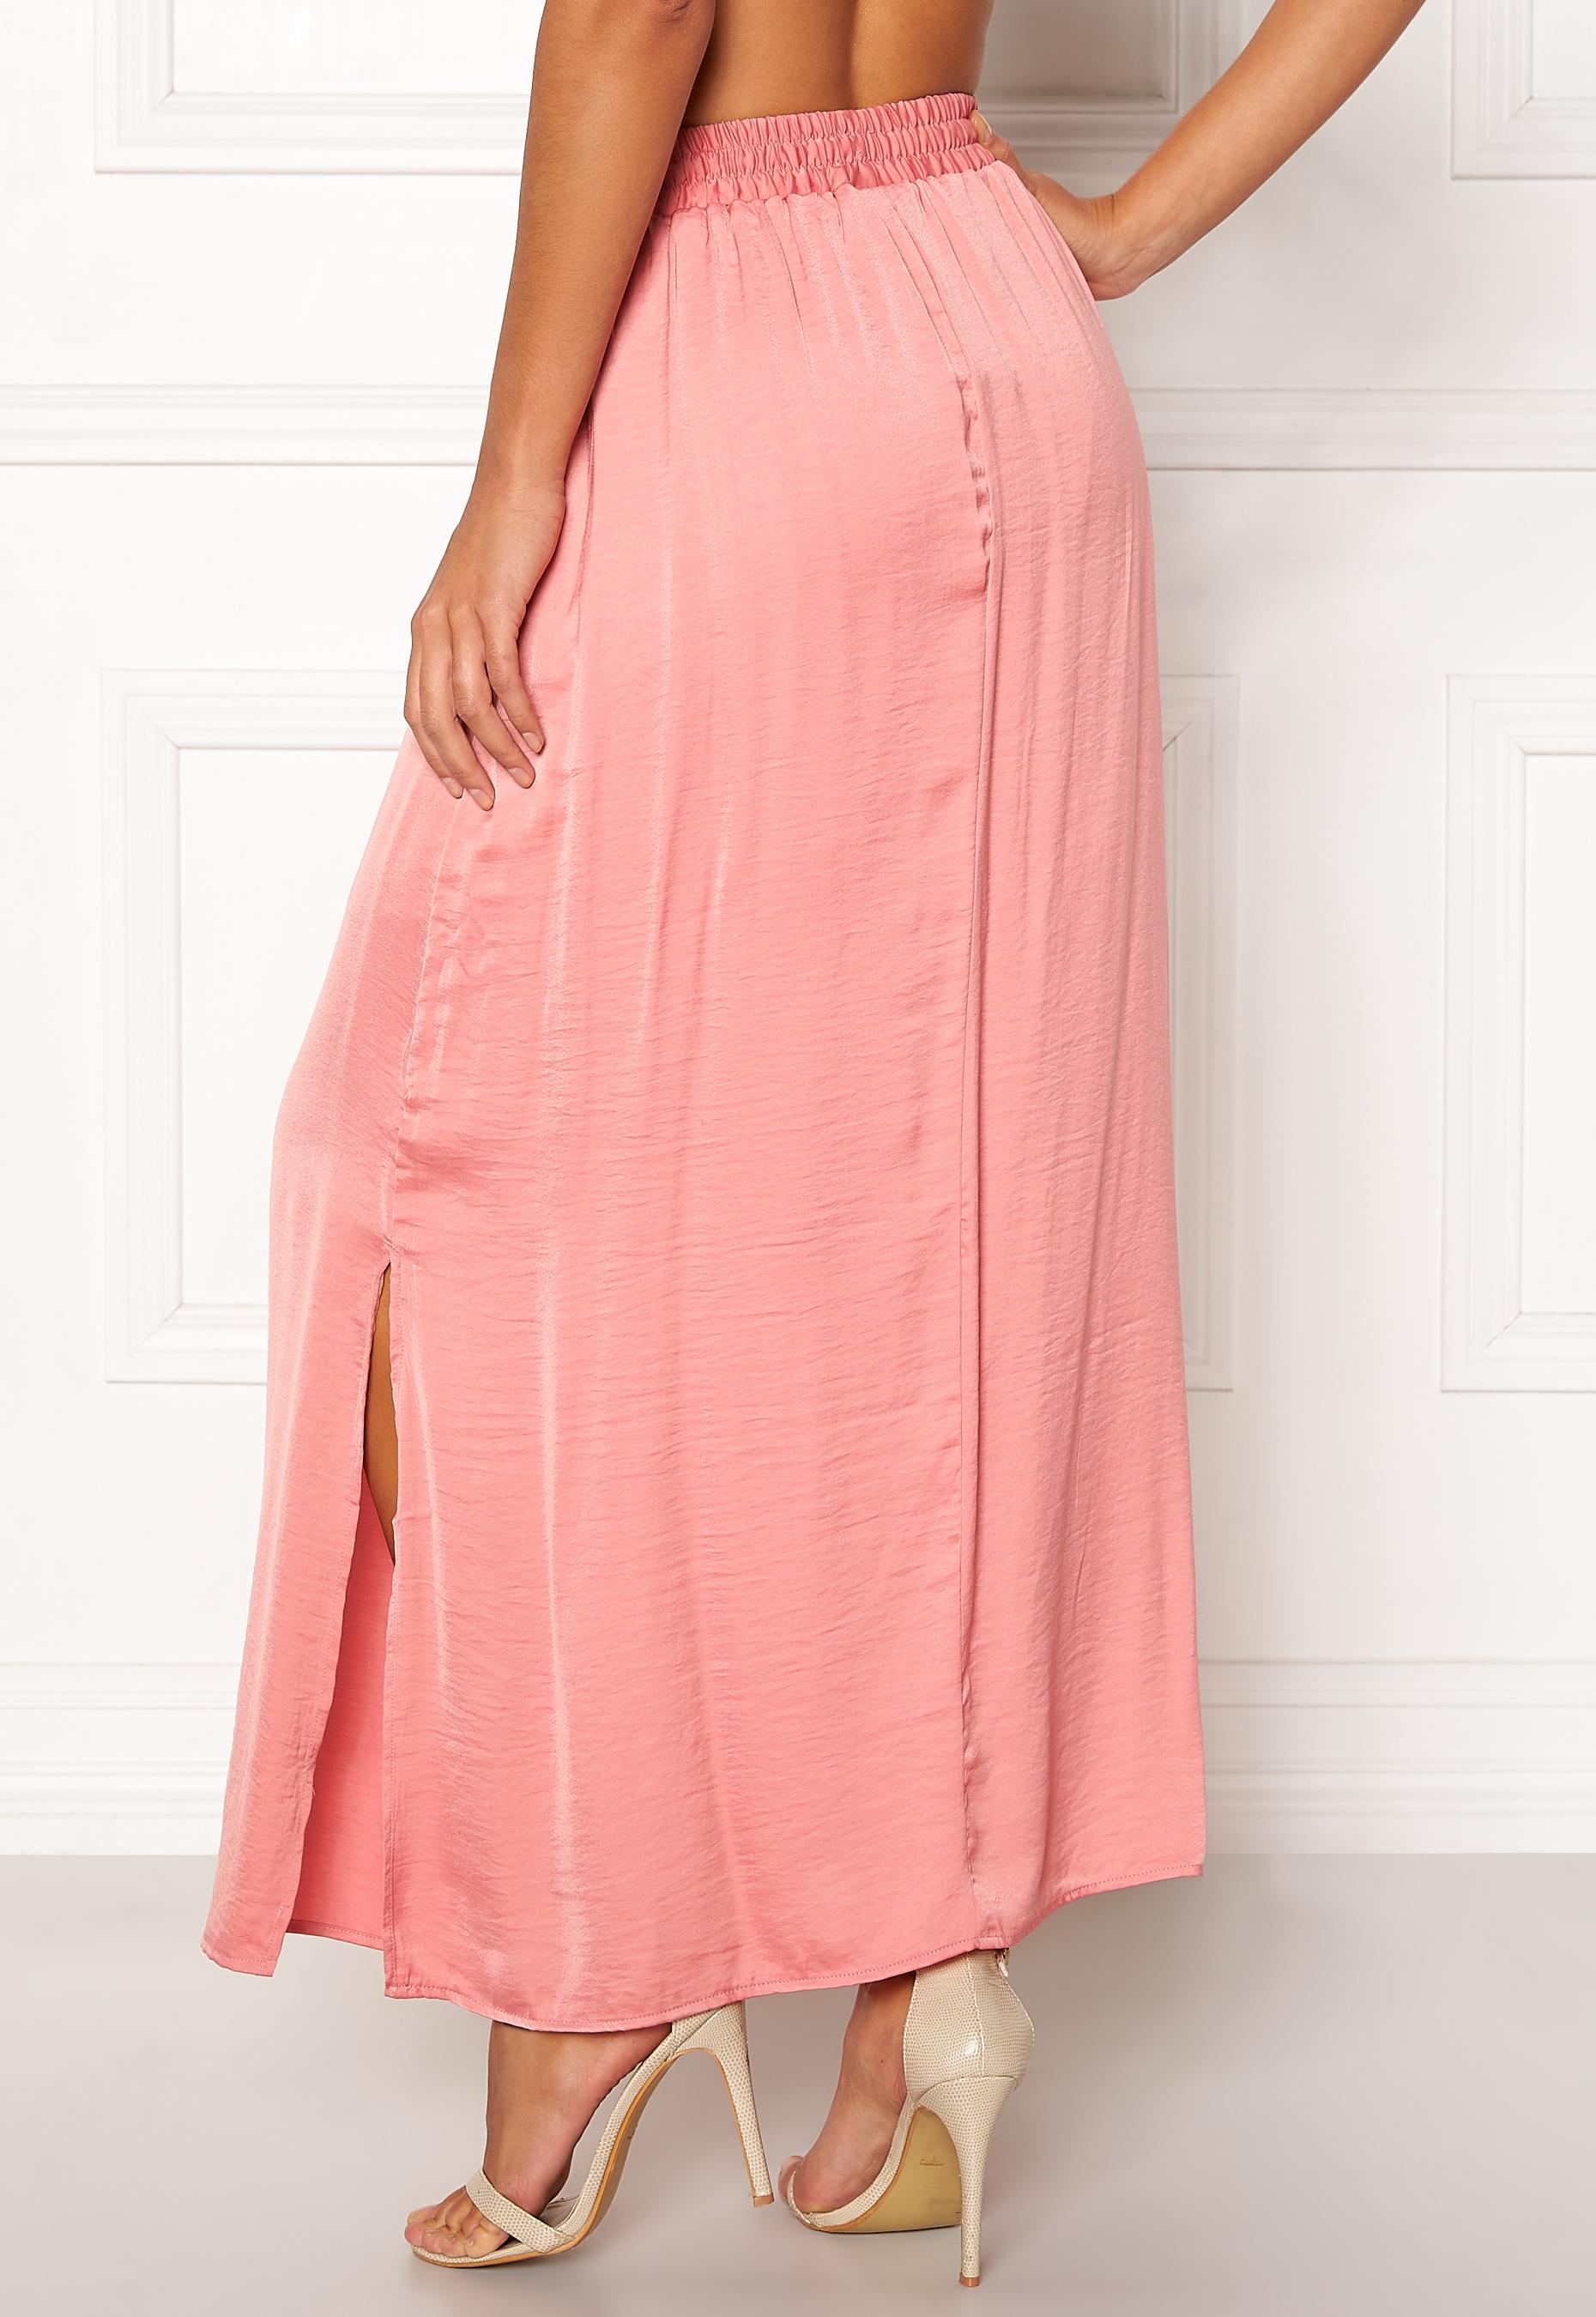 82b56e618c0f VILA Cava Maxi Skirt Brandied Apricot - Bubbleroom